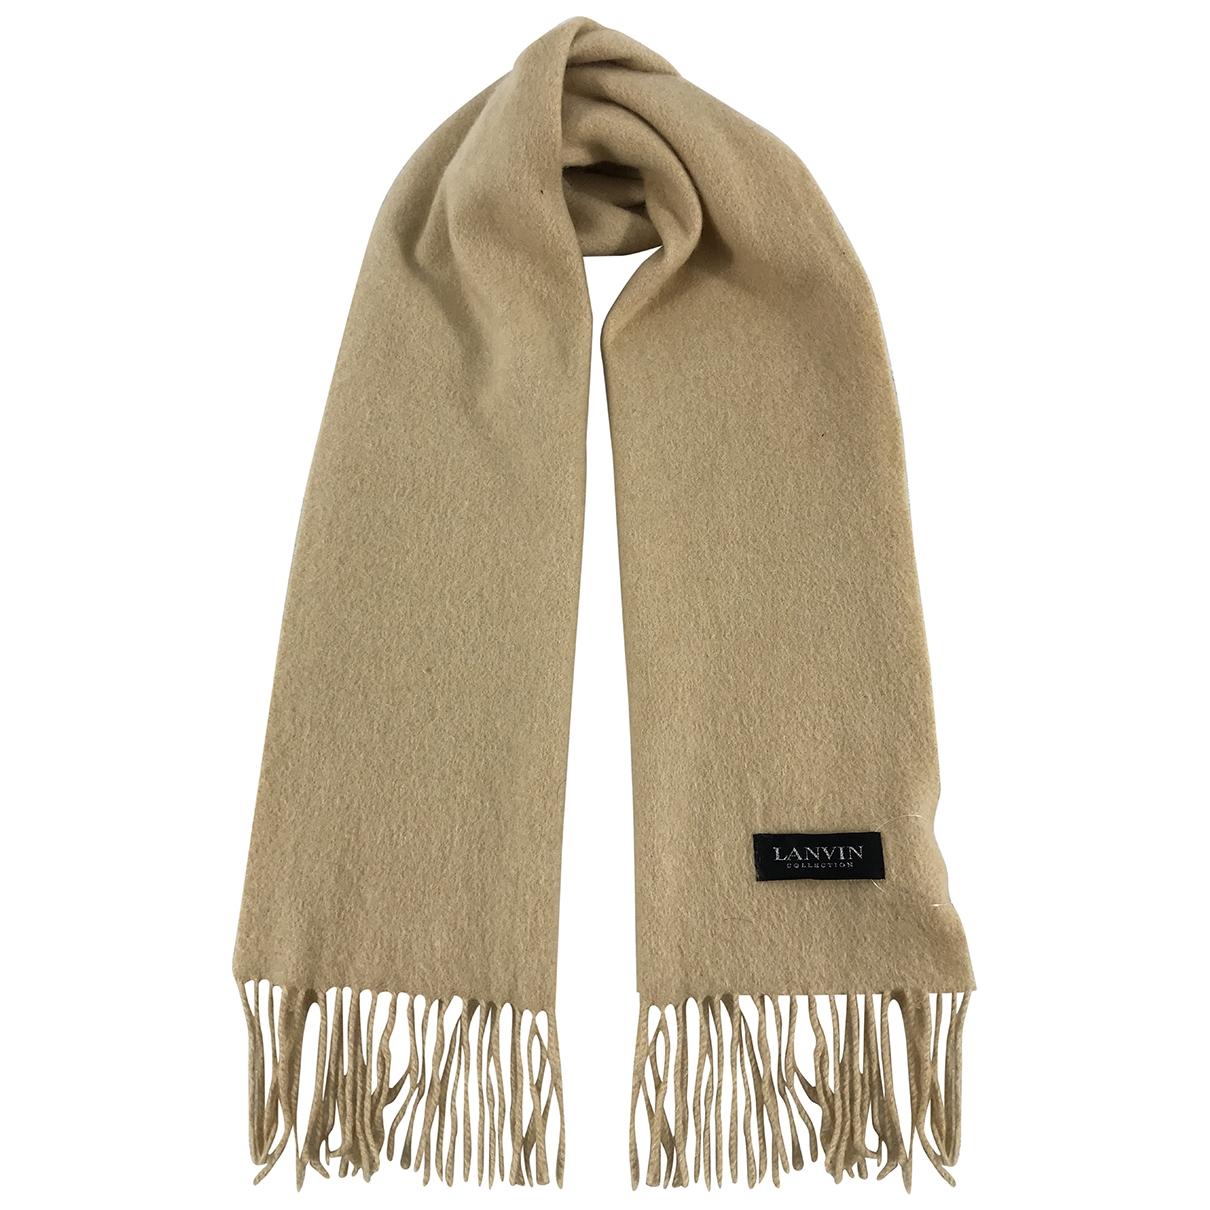 Lanvin - Foulard   pour femme en cachemire - beige